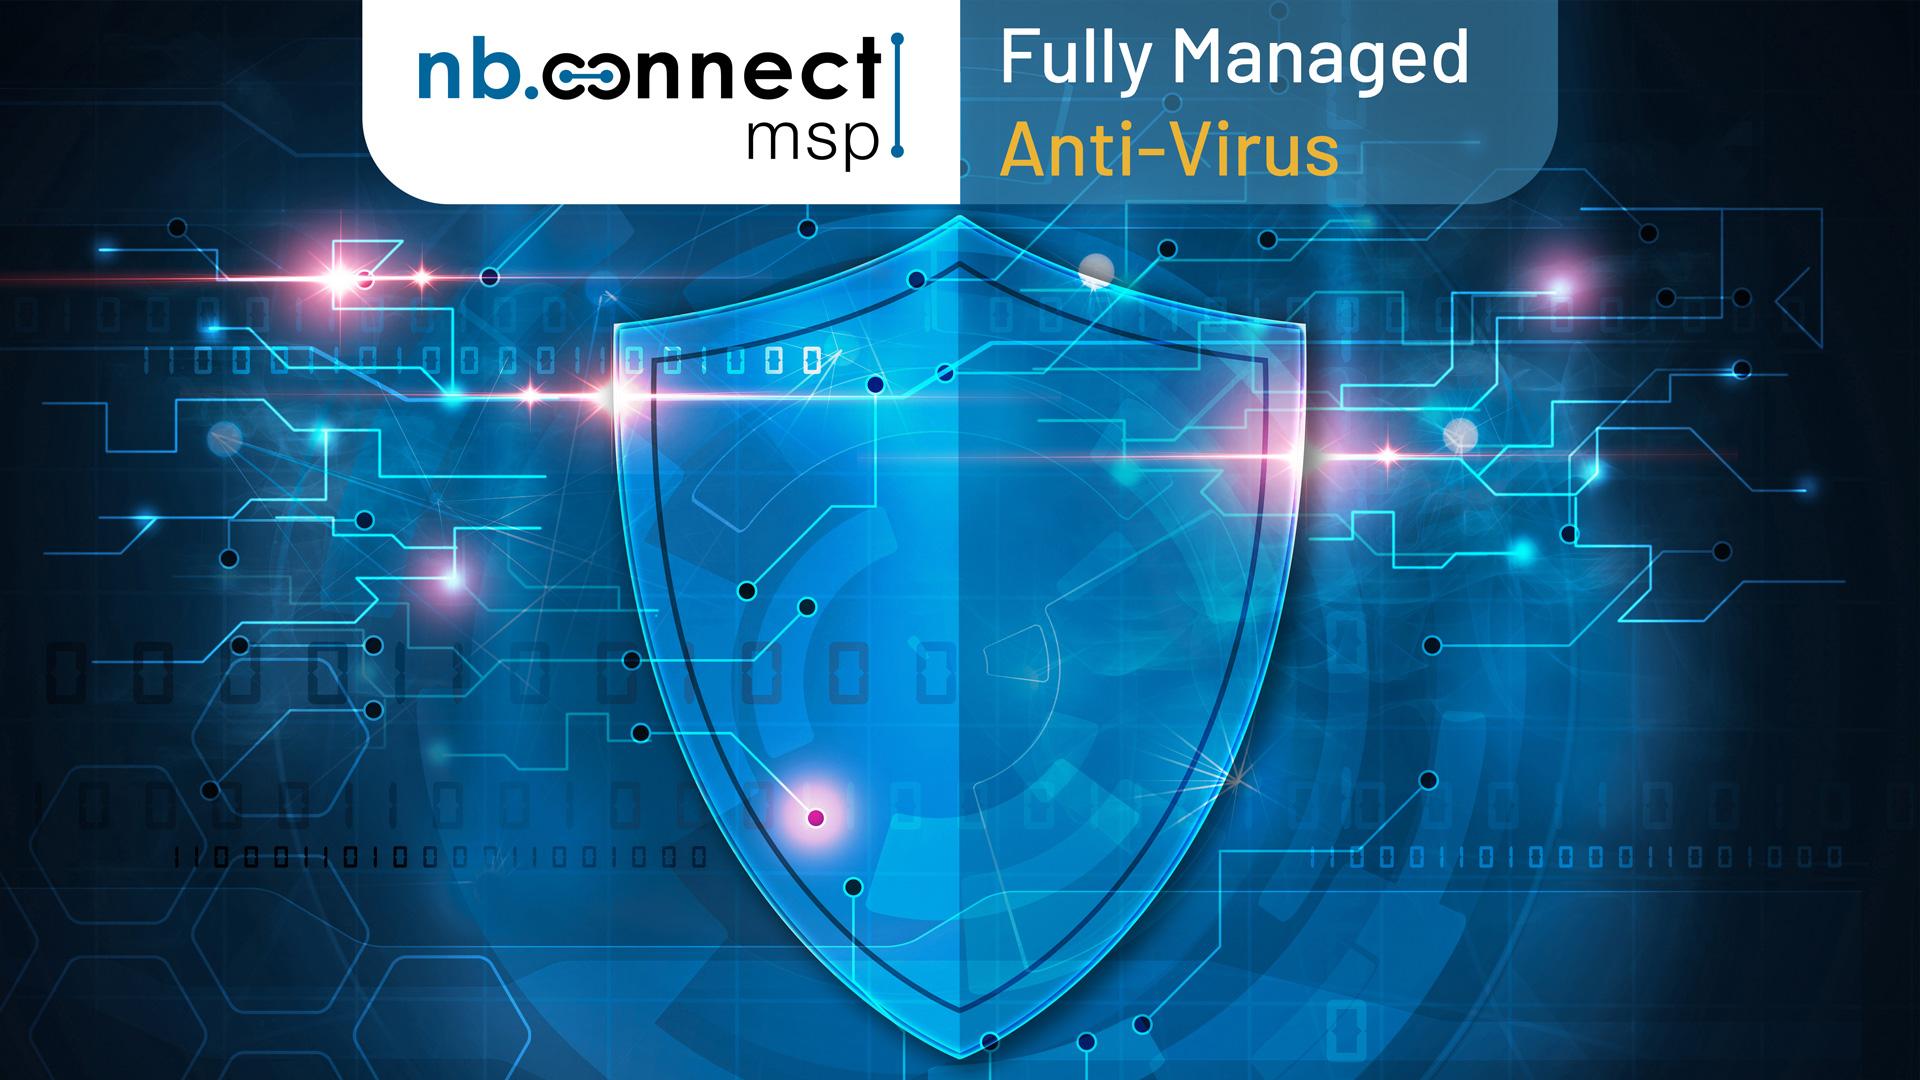 Fully Managed Anti-Virus